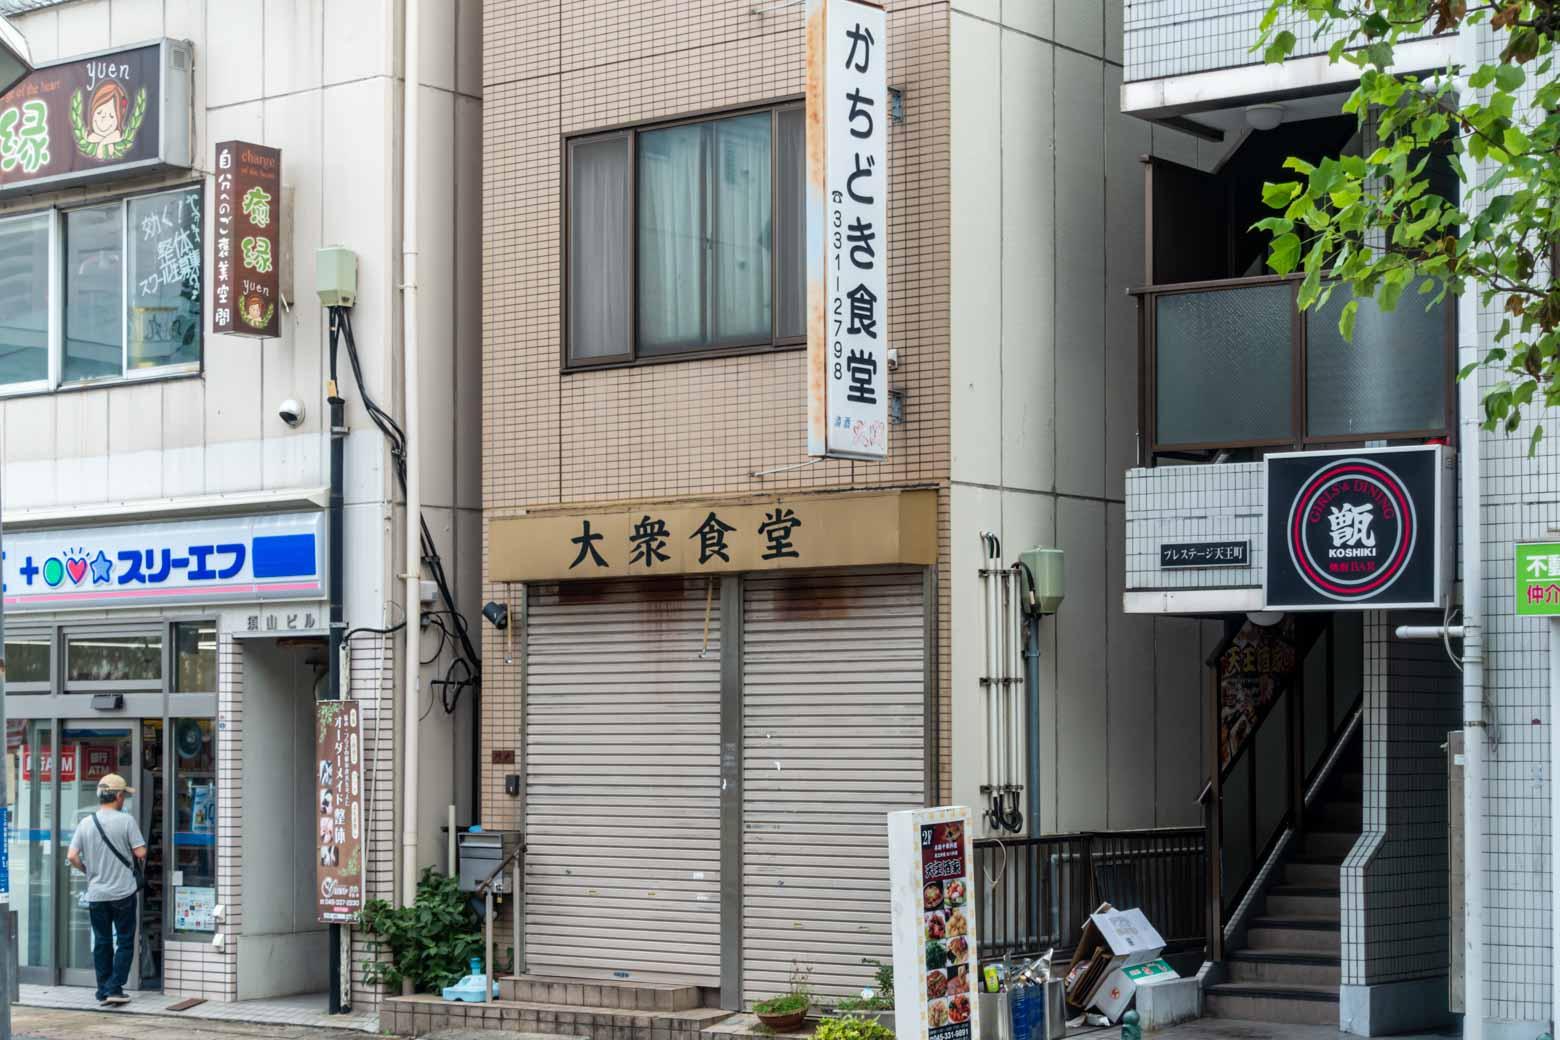 新しい店舗やマンションに混じって、昔ながらのお店も点在しています。